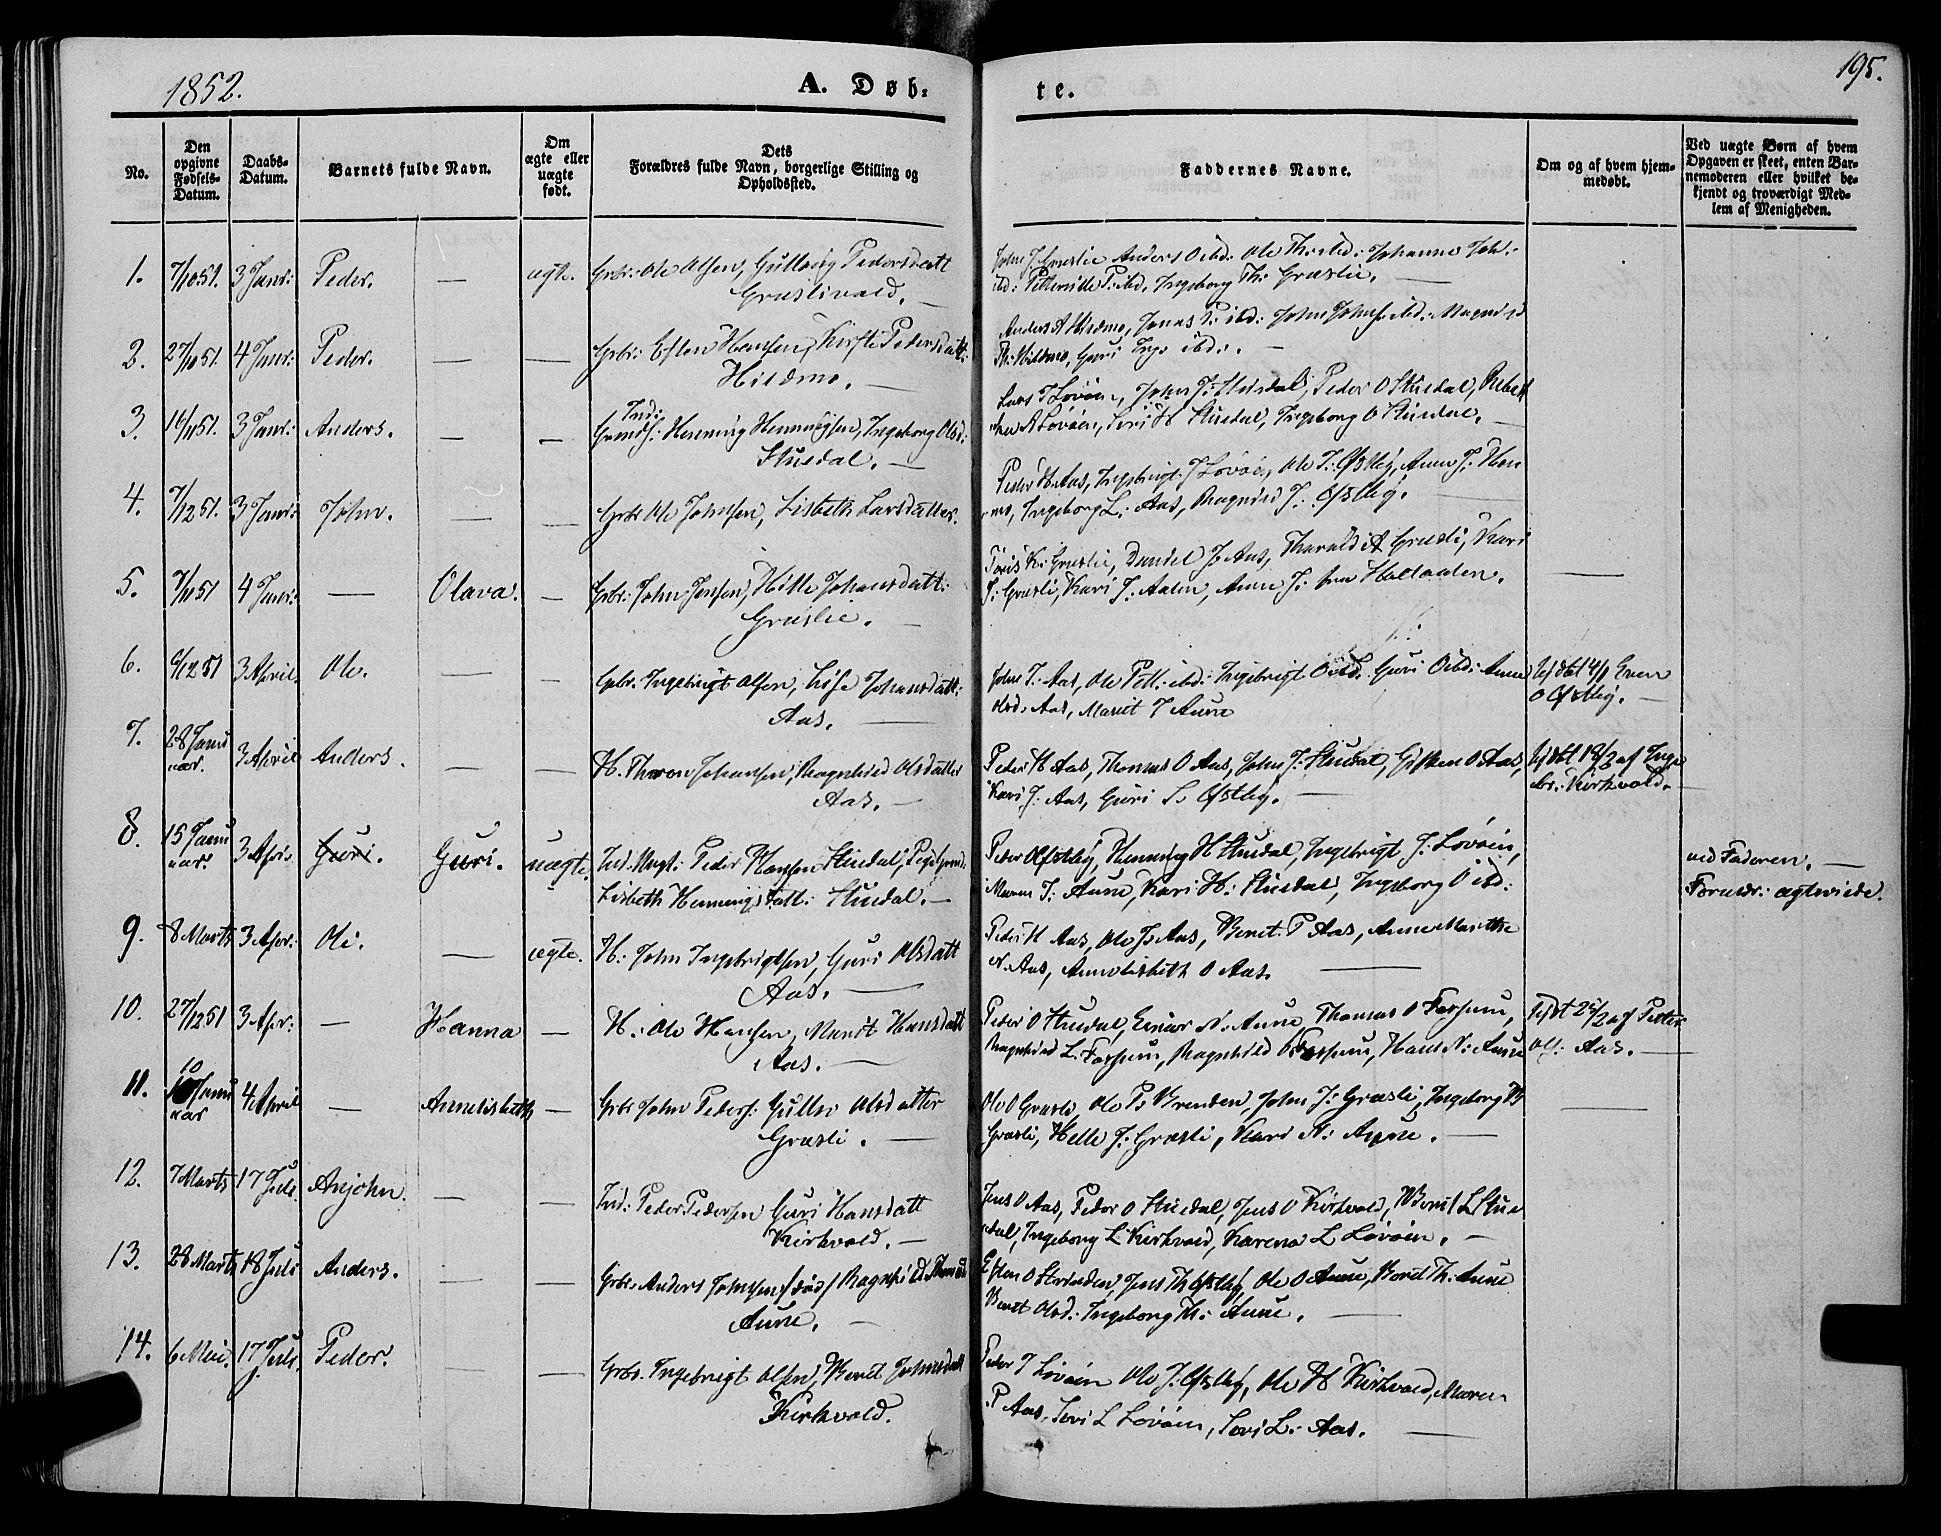 SAT, Ministerialprotokoller, klokkerbøker og fødselsregistre - Sør-Trøndelag, 695/L1146: Ministerialbok nr. 695A06 /2, 1843-1859, s. 195